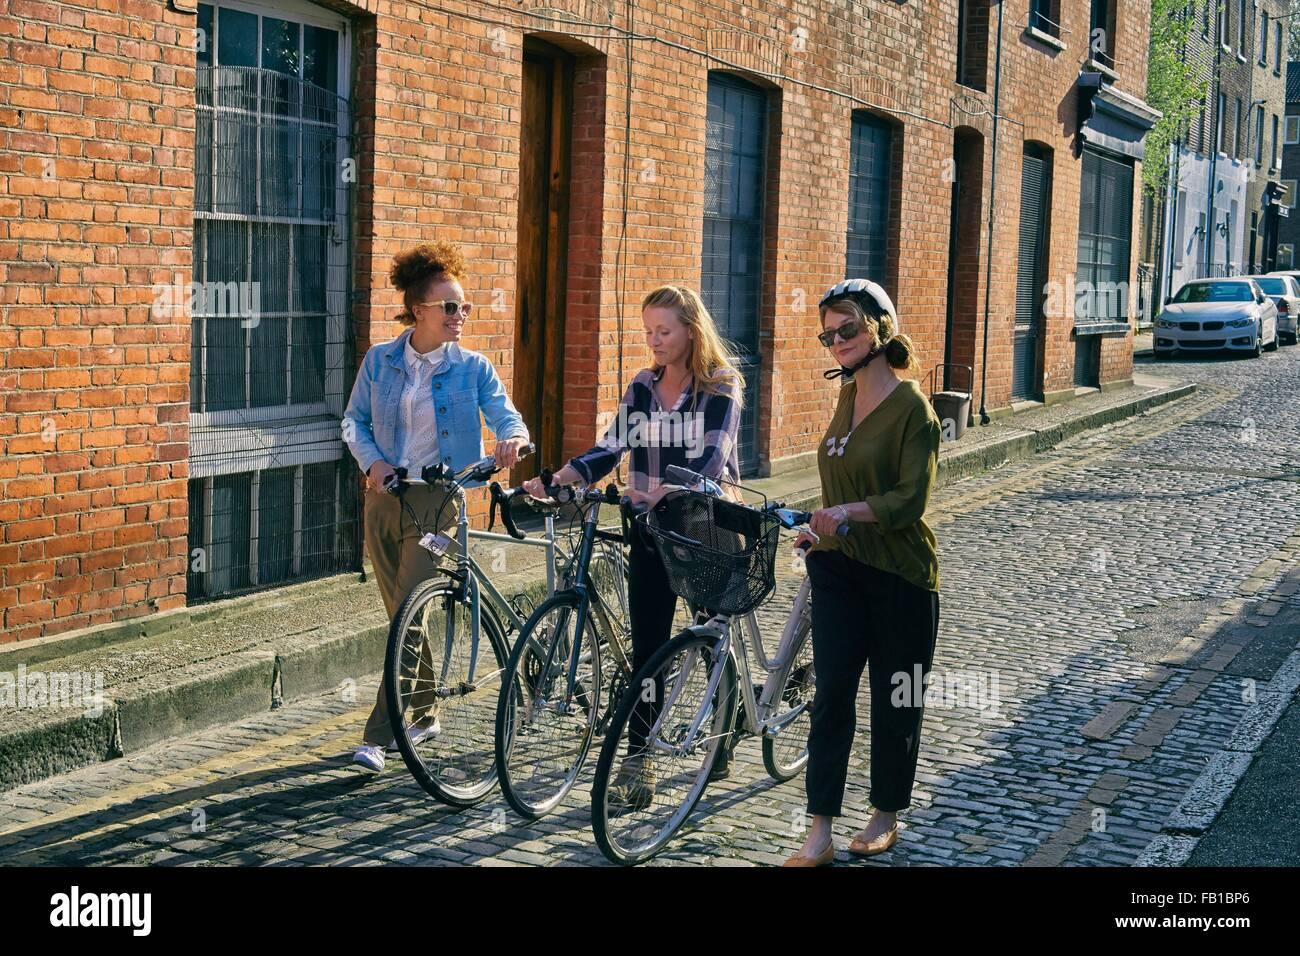 Angolo di visualizzazione delle donne in area urbana spingendo le biciclette su strada acciottolata Immagini Stock